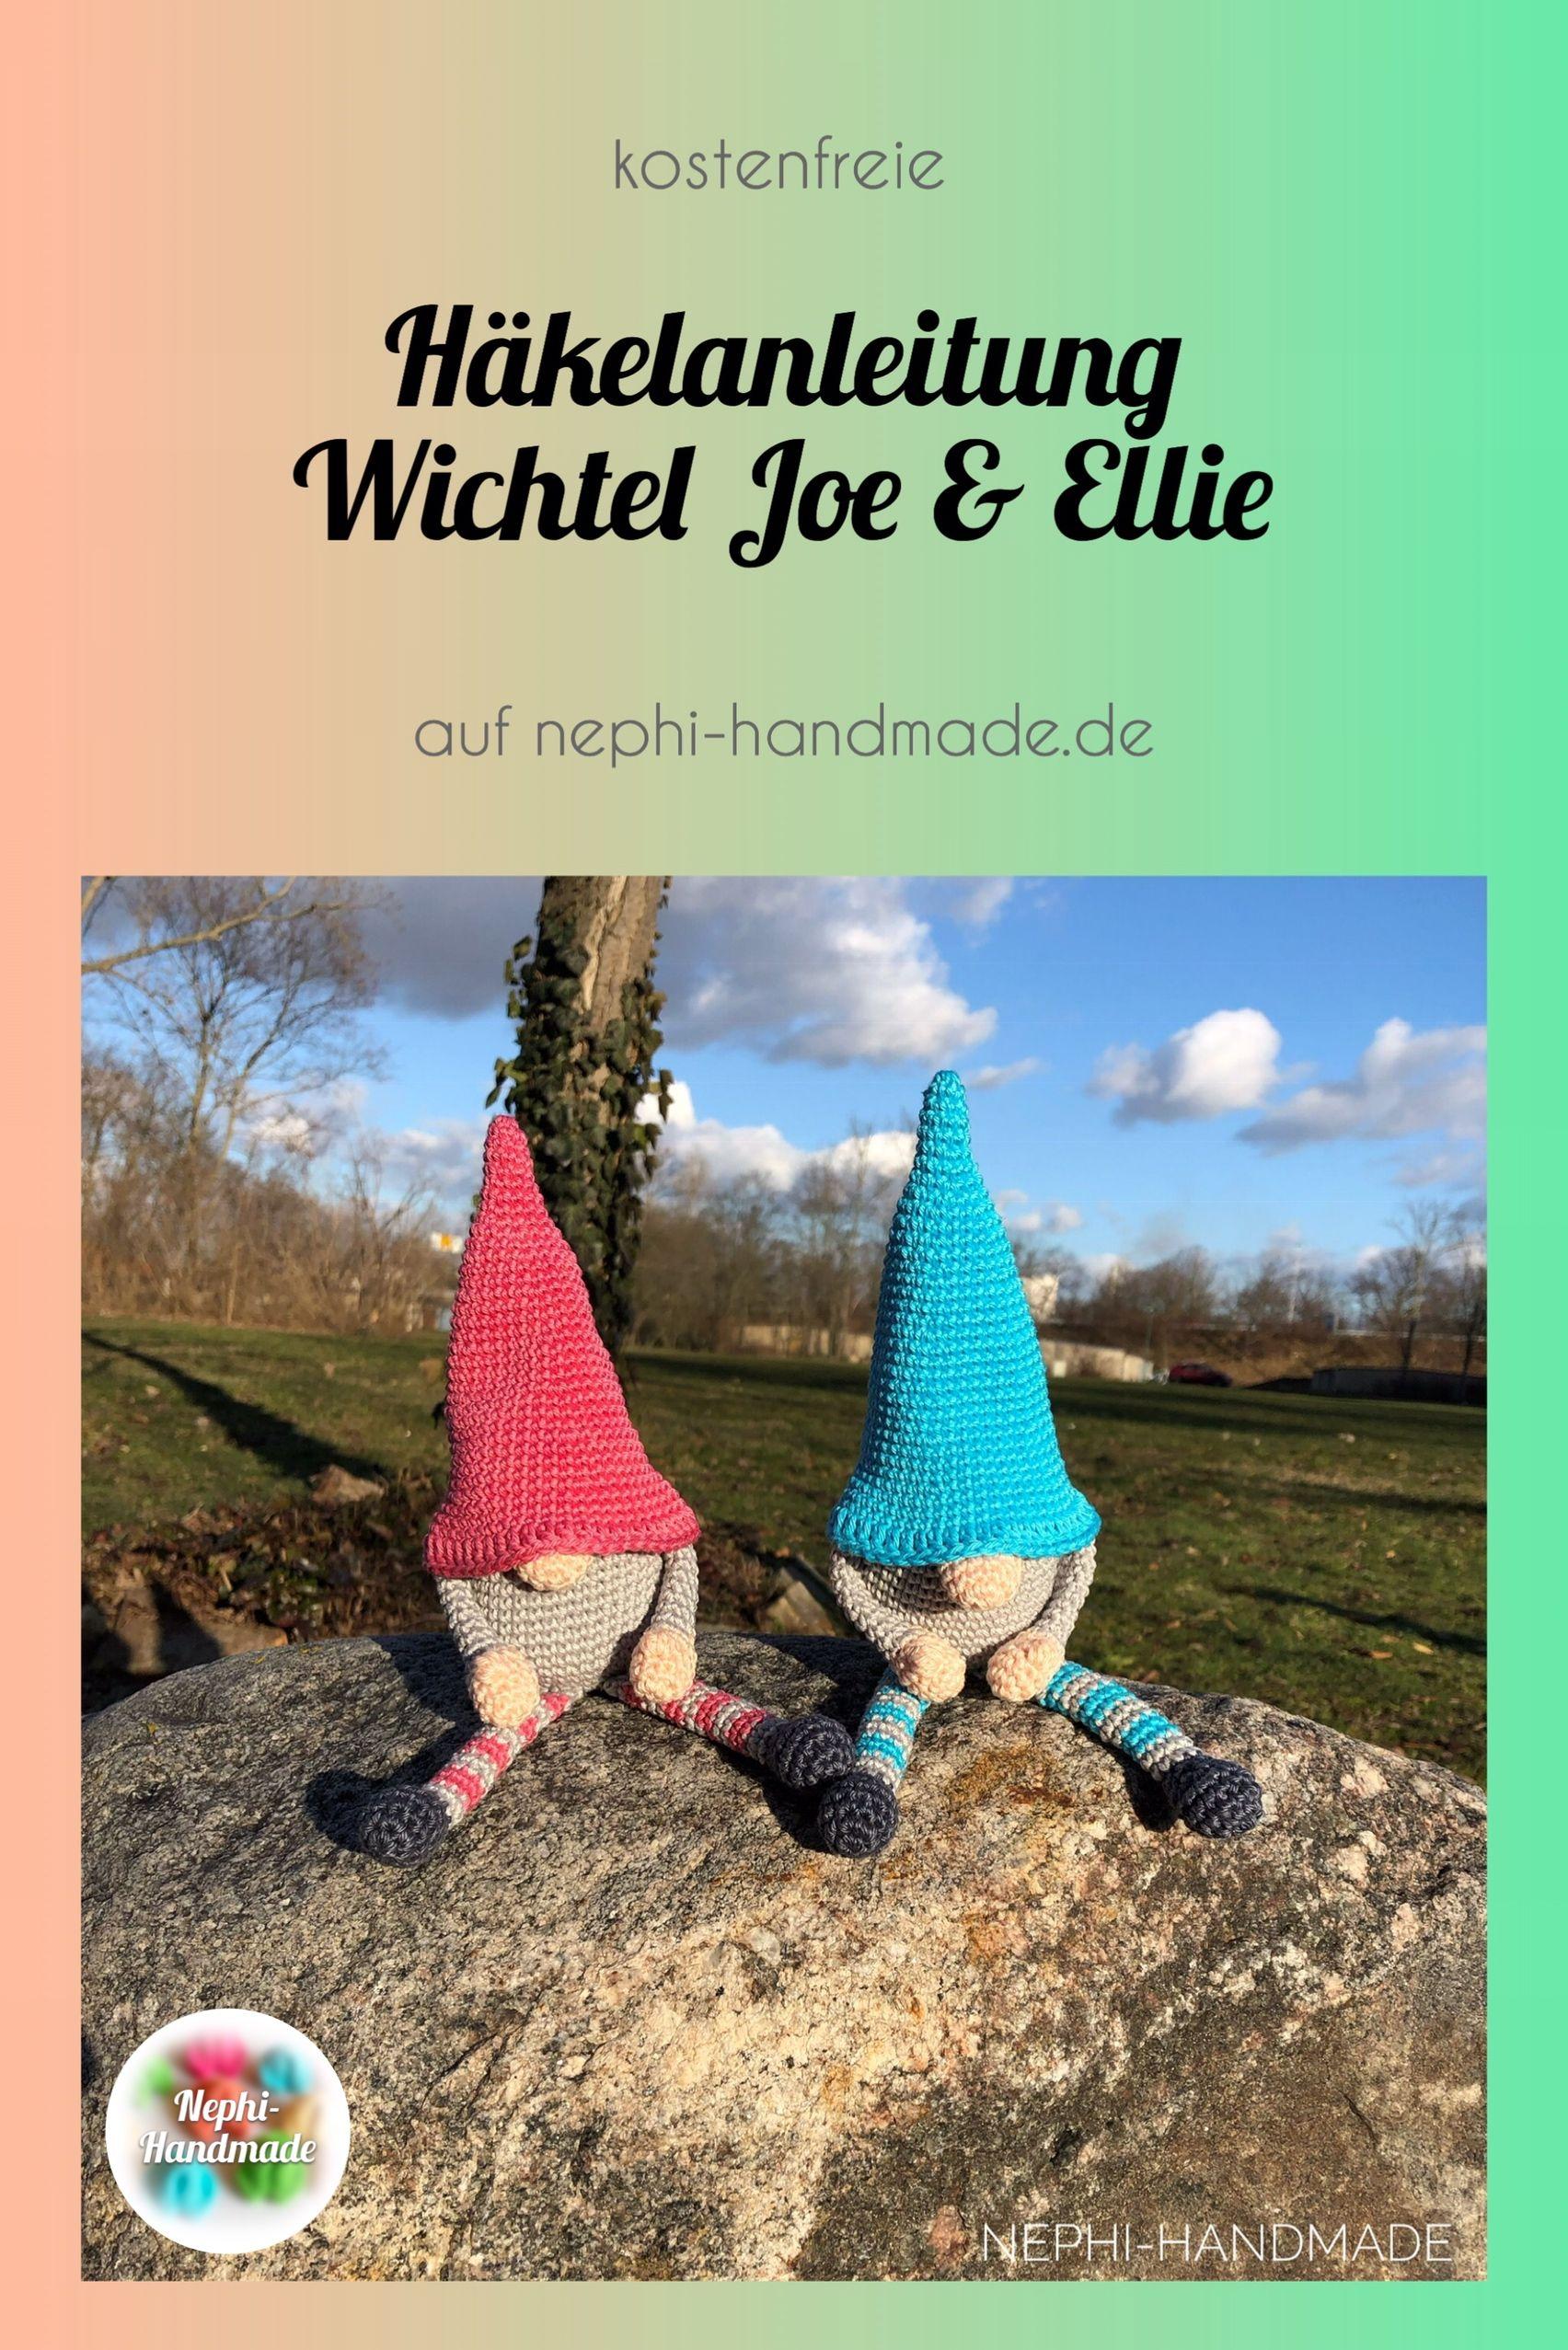 Freie #häkelanleitung Wichtel Joe und Ellie von #nephihandmade #häkeln #crochet #crochetpattern #amigurumis #knittedtoys